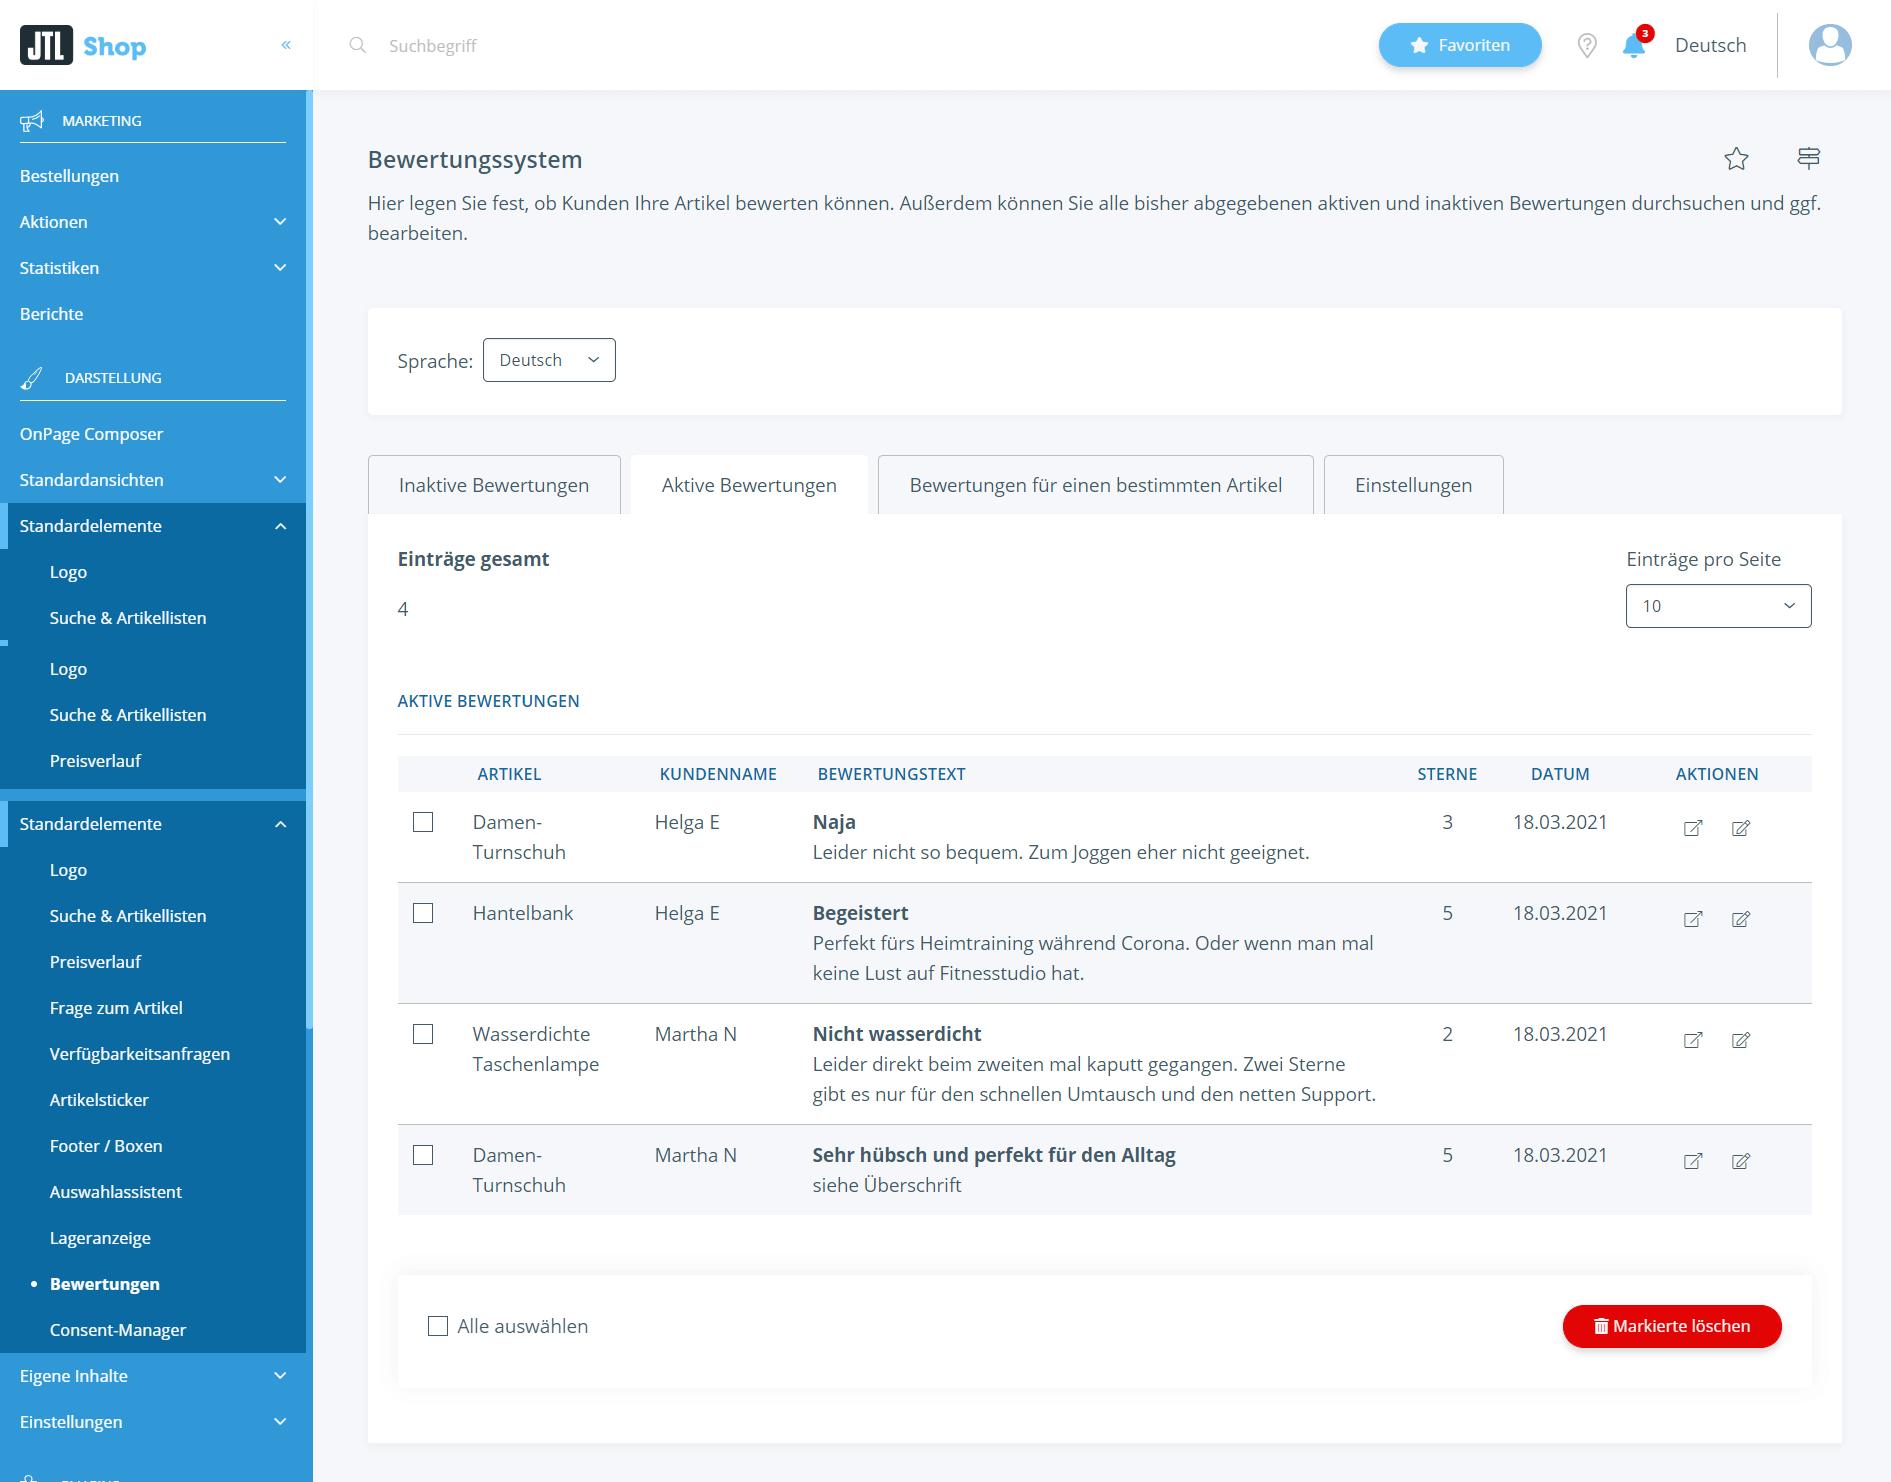 Bewertungen in JTL-Shop verwalten